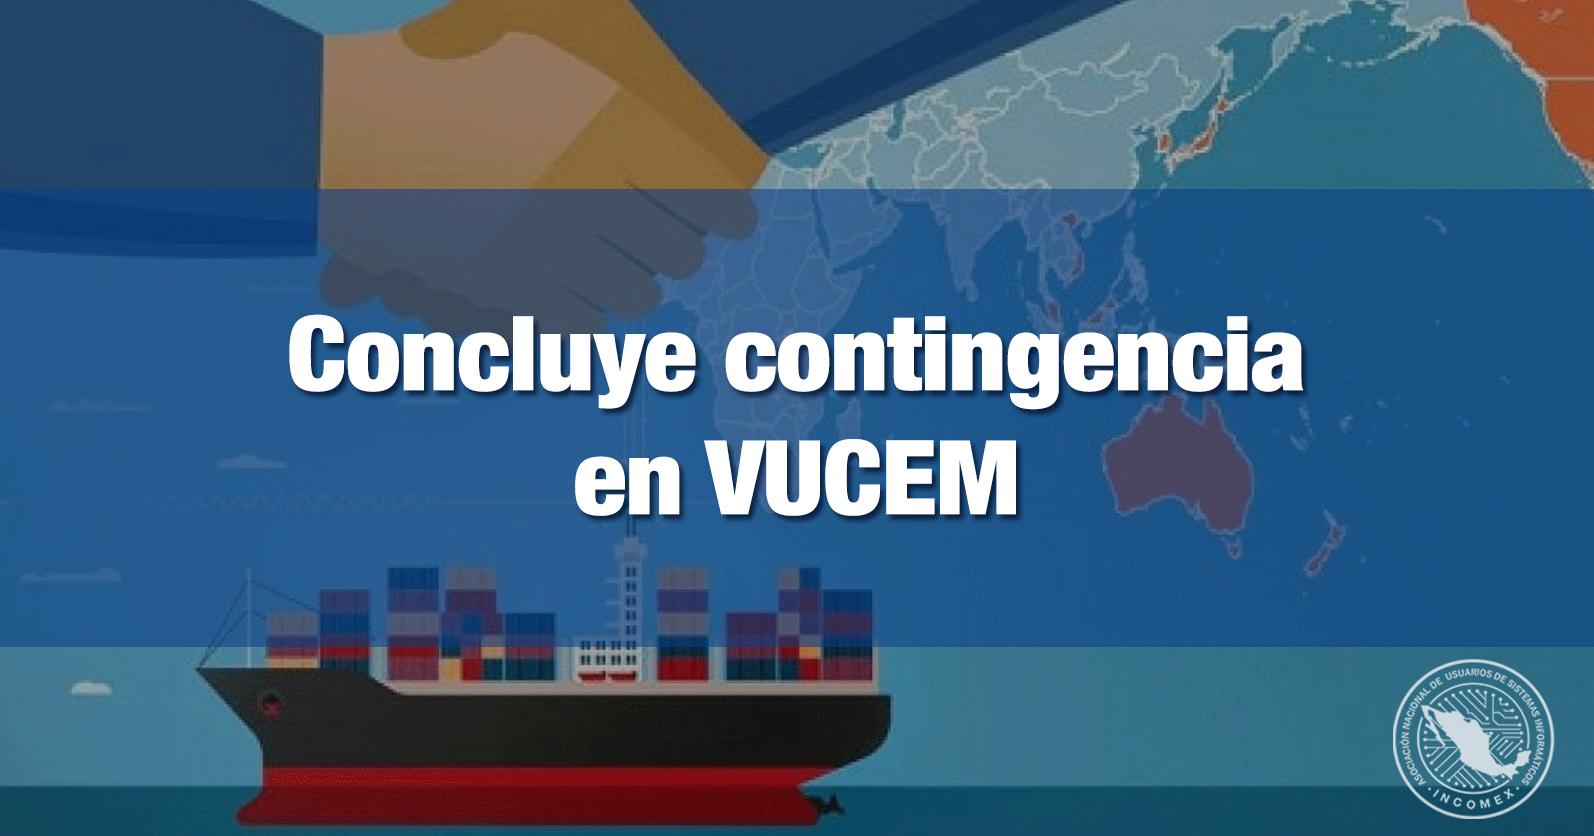 Concluye contingencia en VUCEM